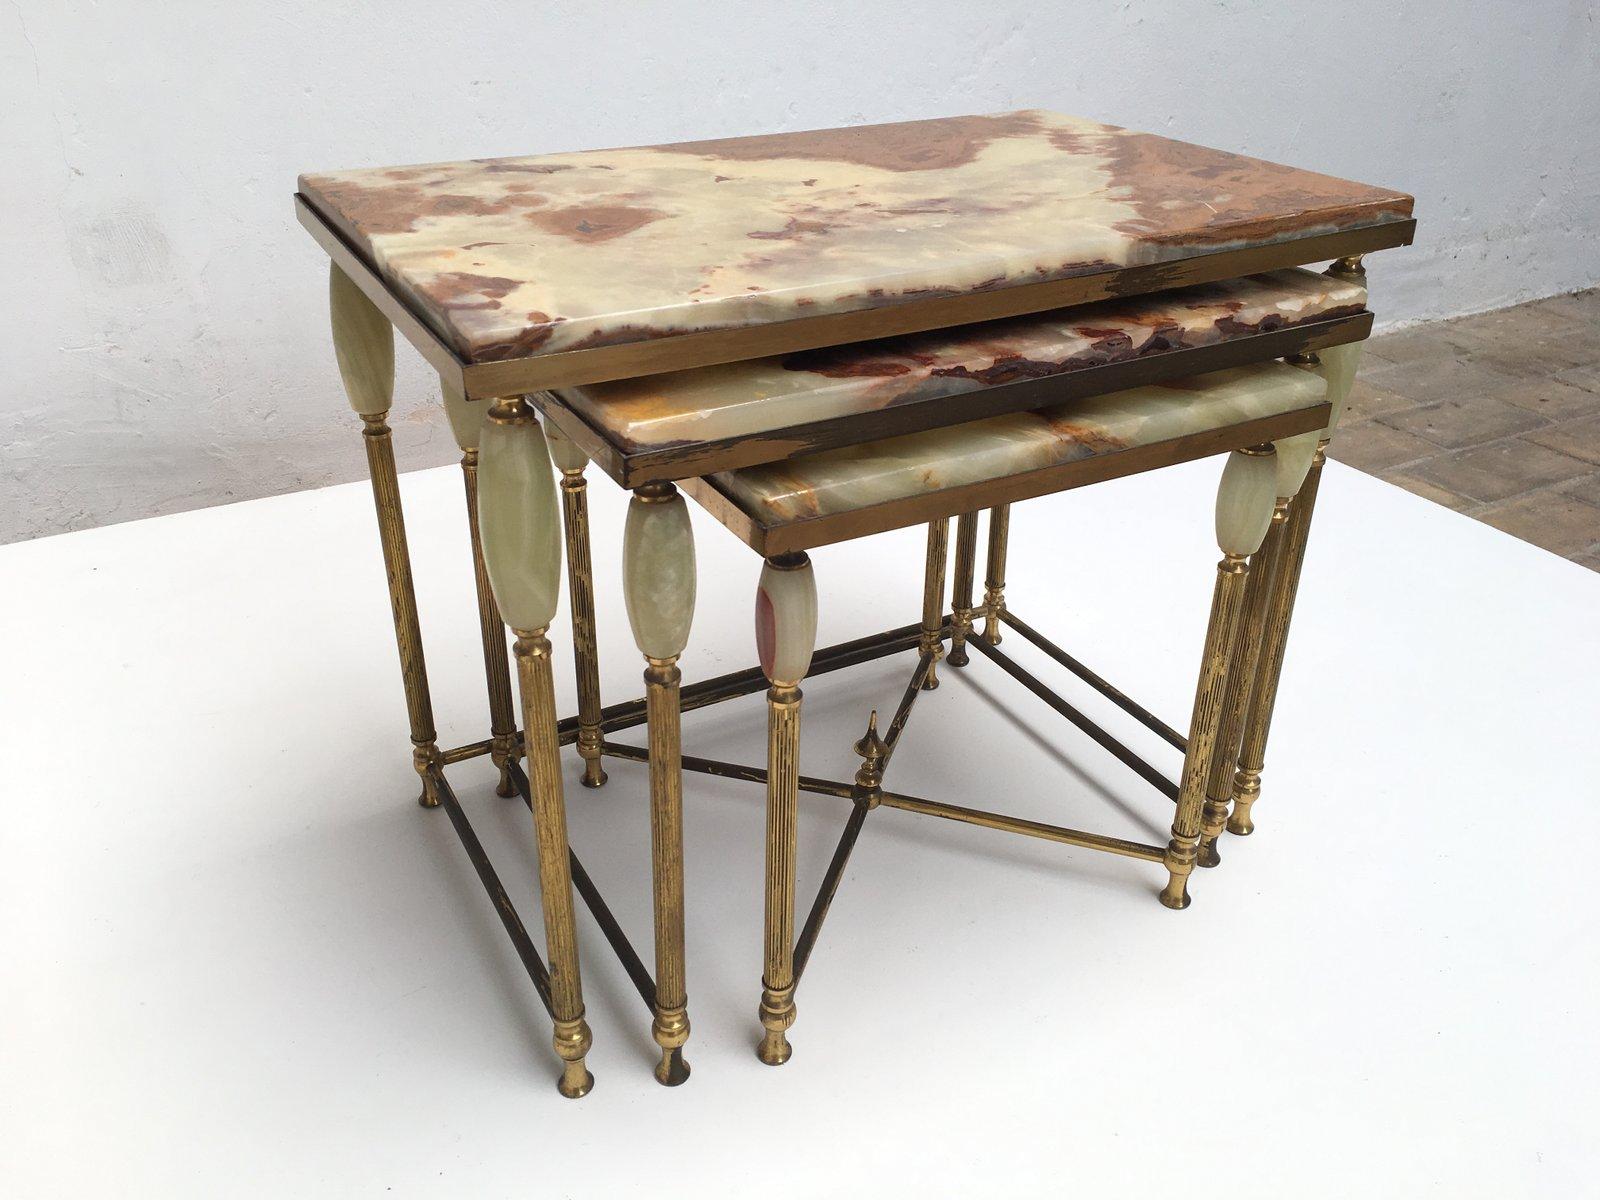 Tavolini a incastro vintage neoclassici in ottone e marmo - Tavolini vetro e ottone ...